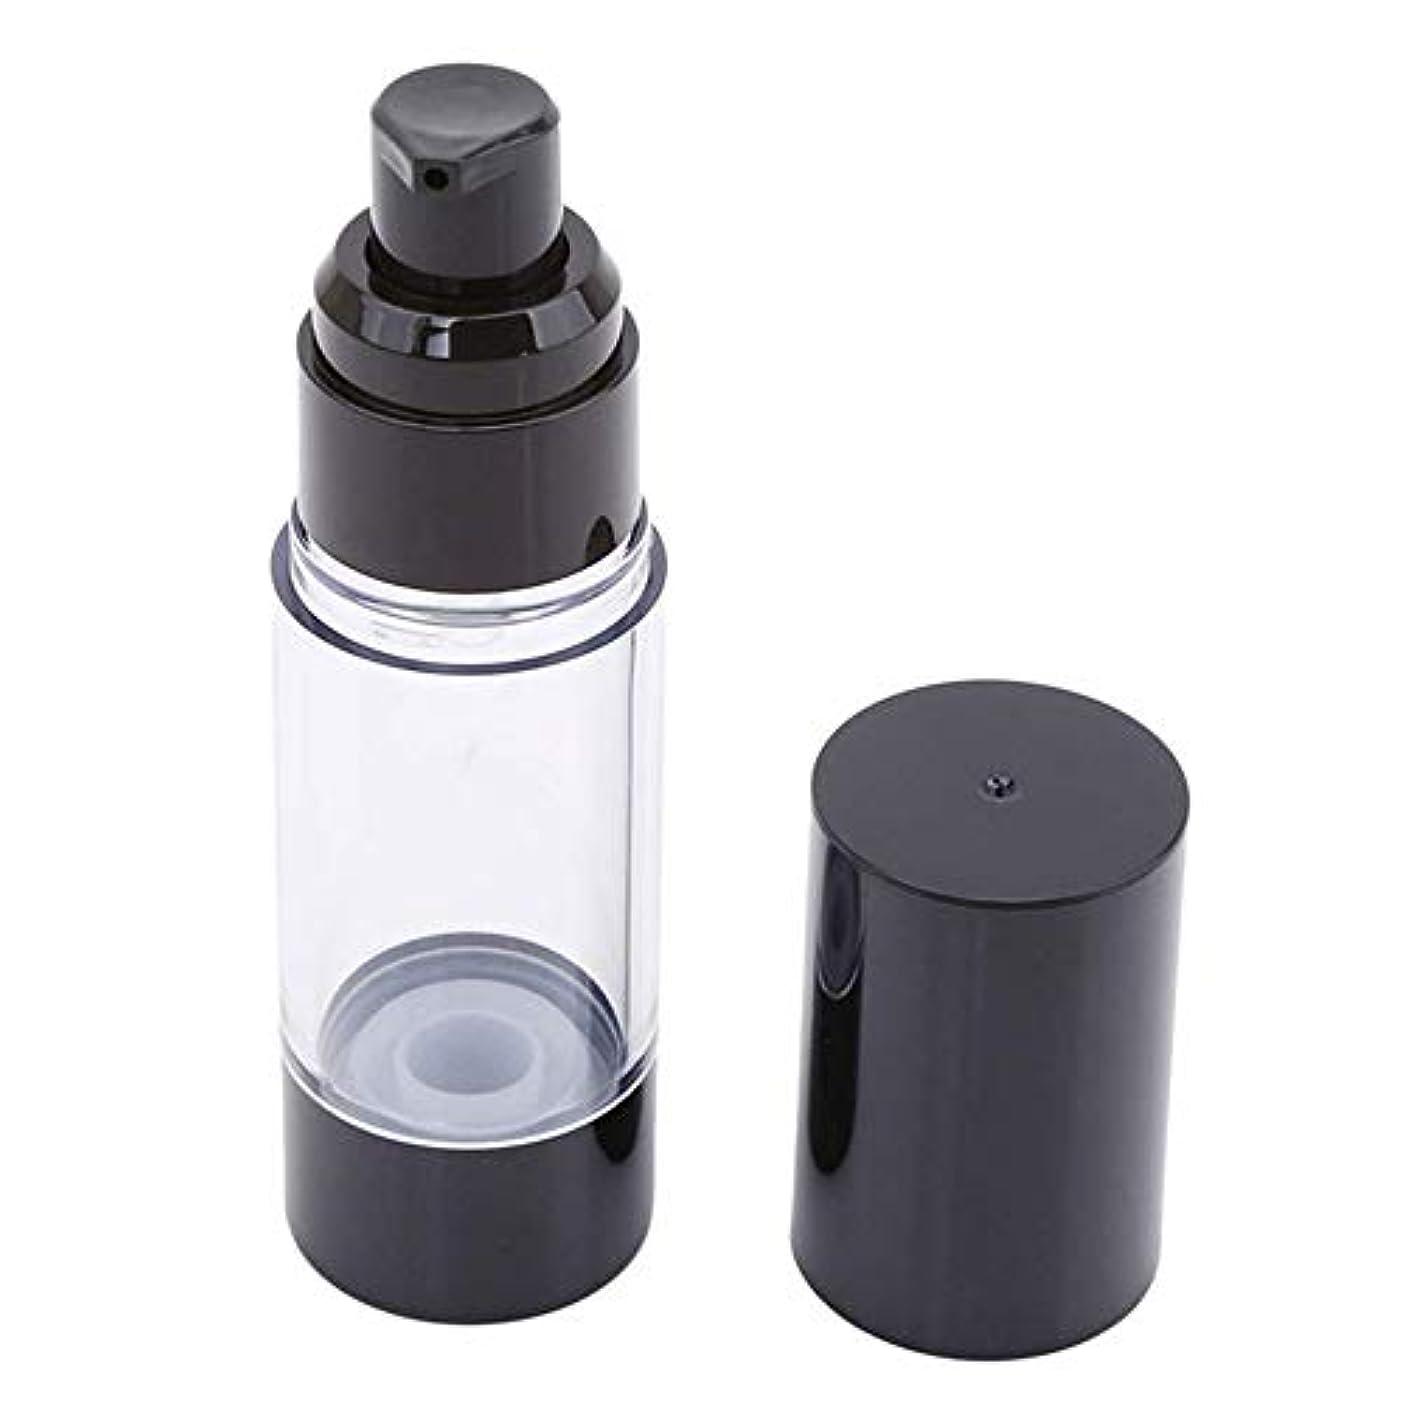 艶管理する意志1st market クリエイティブポータブルエアレスボトルトラベル化粧品エマルジョン空収納コンテナ30ミリリットル